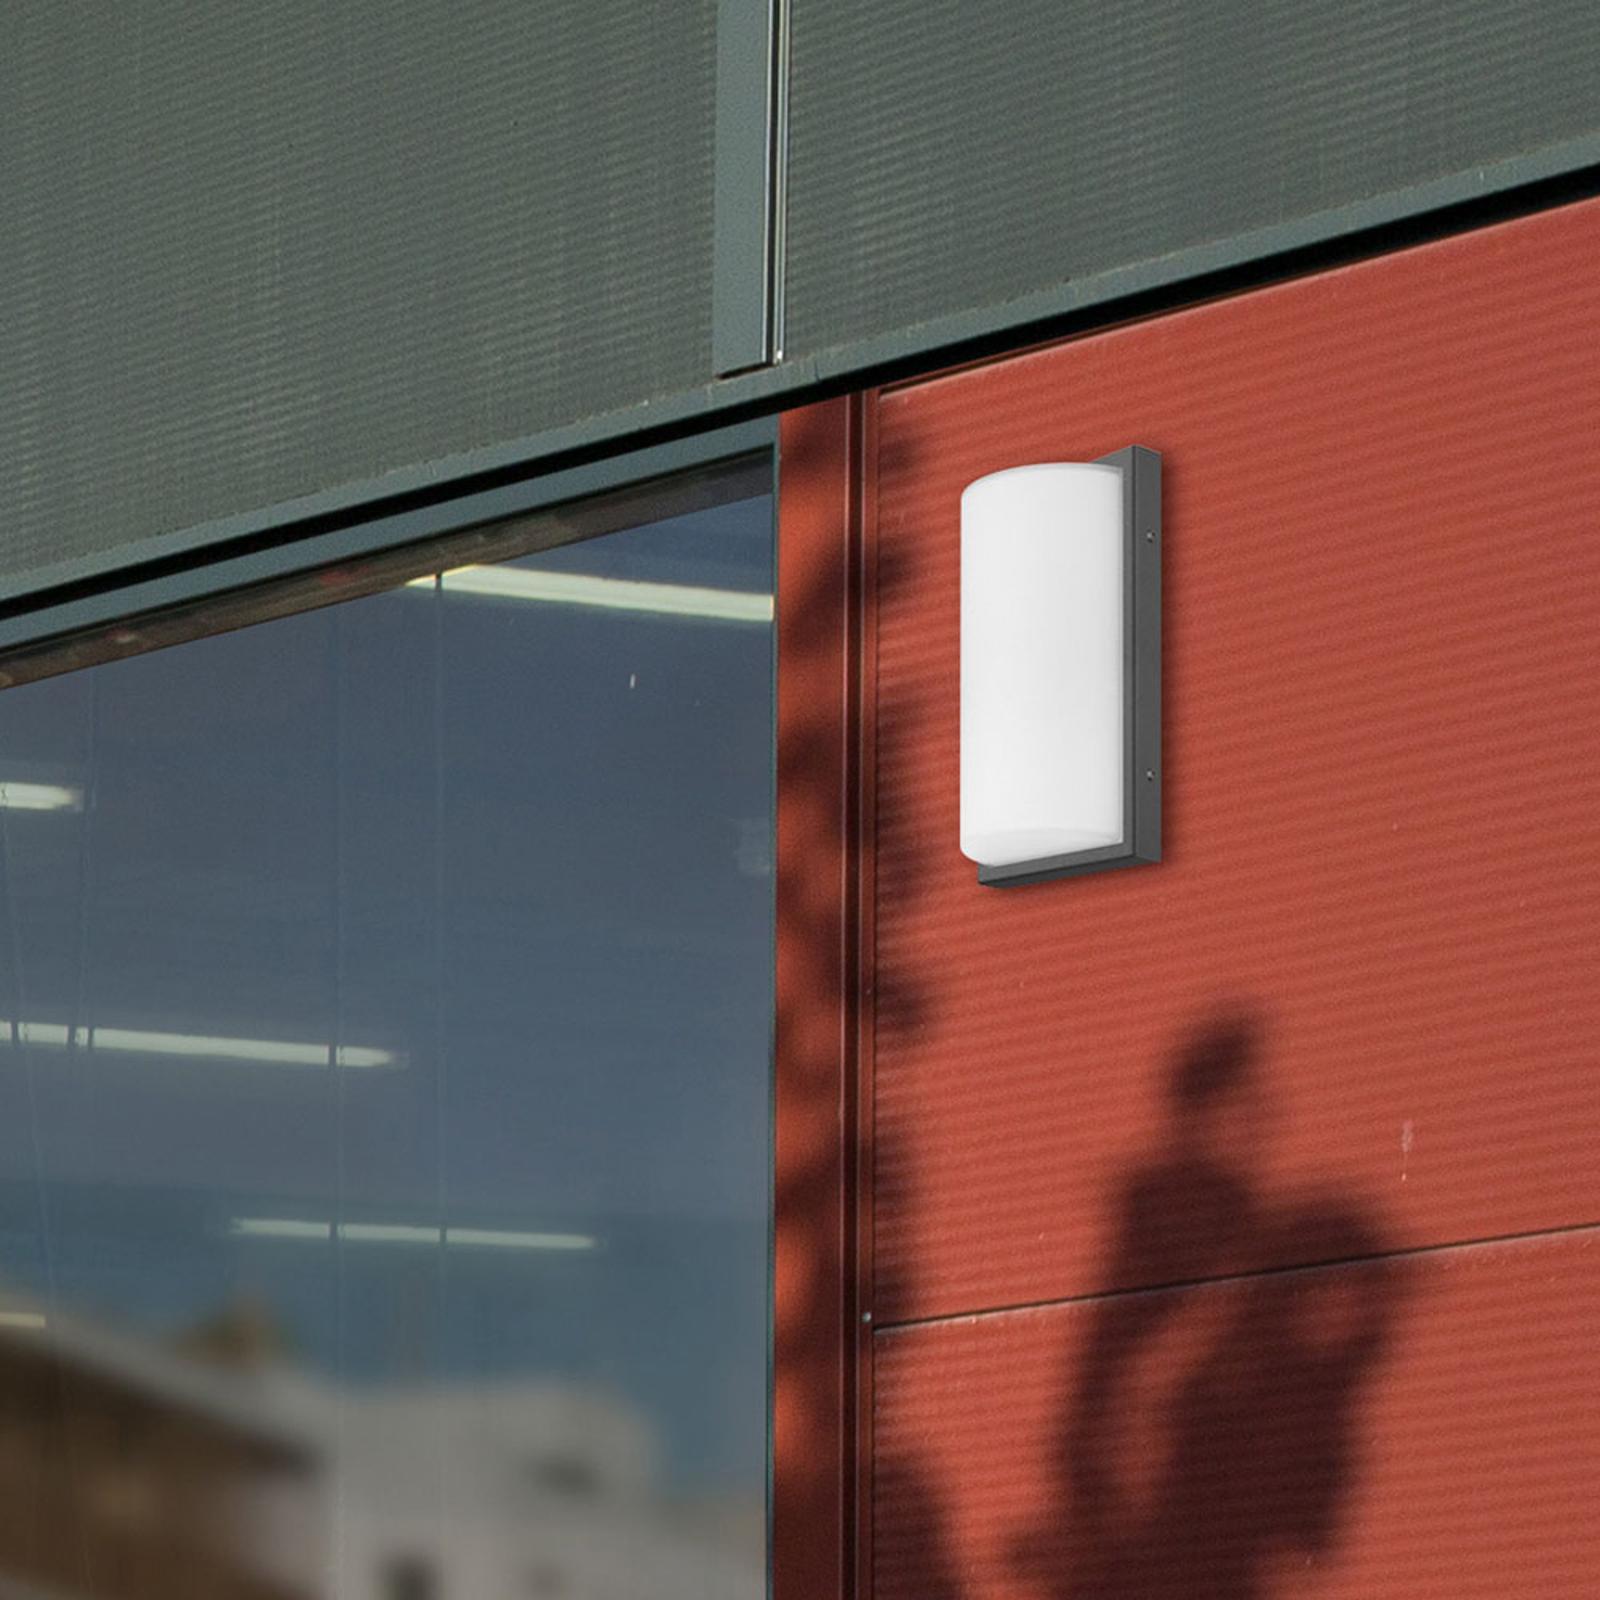 Applique d'extérieur LED 039 acier inox, graphite